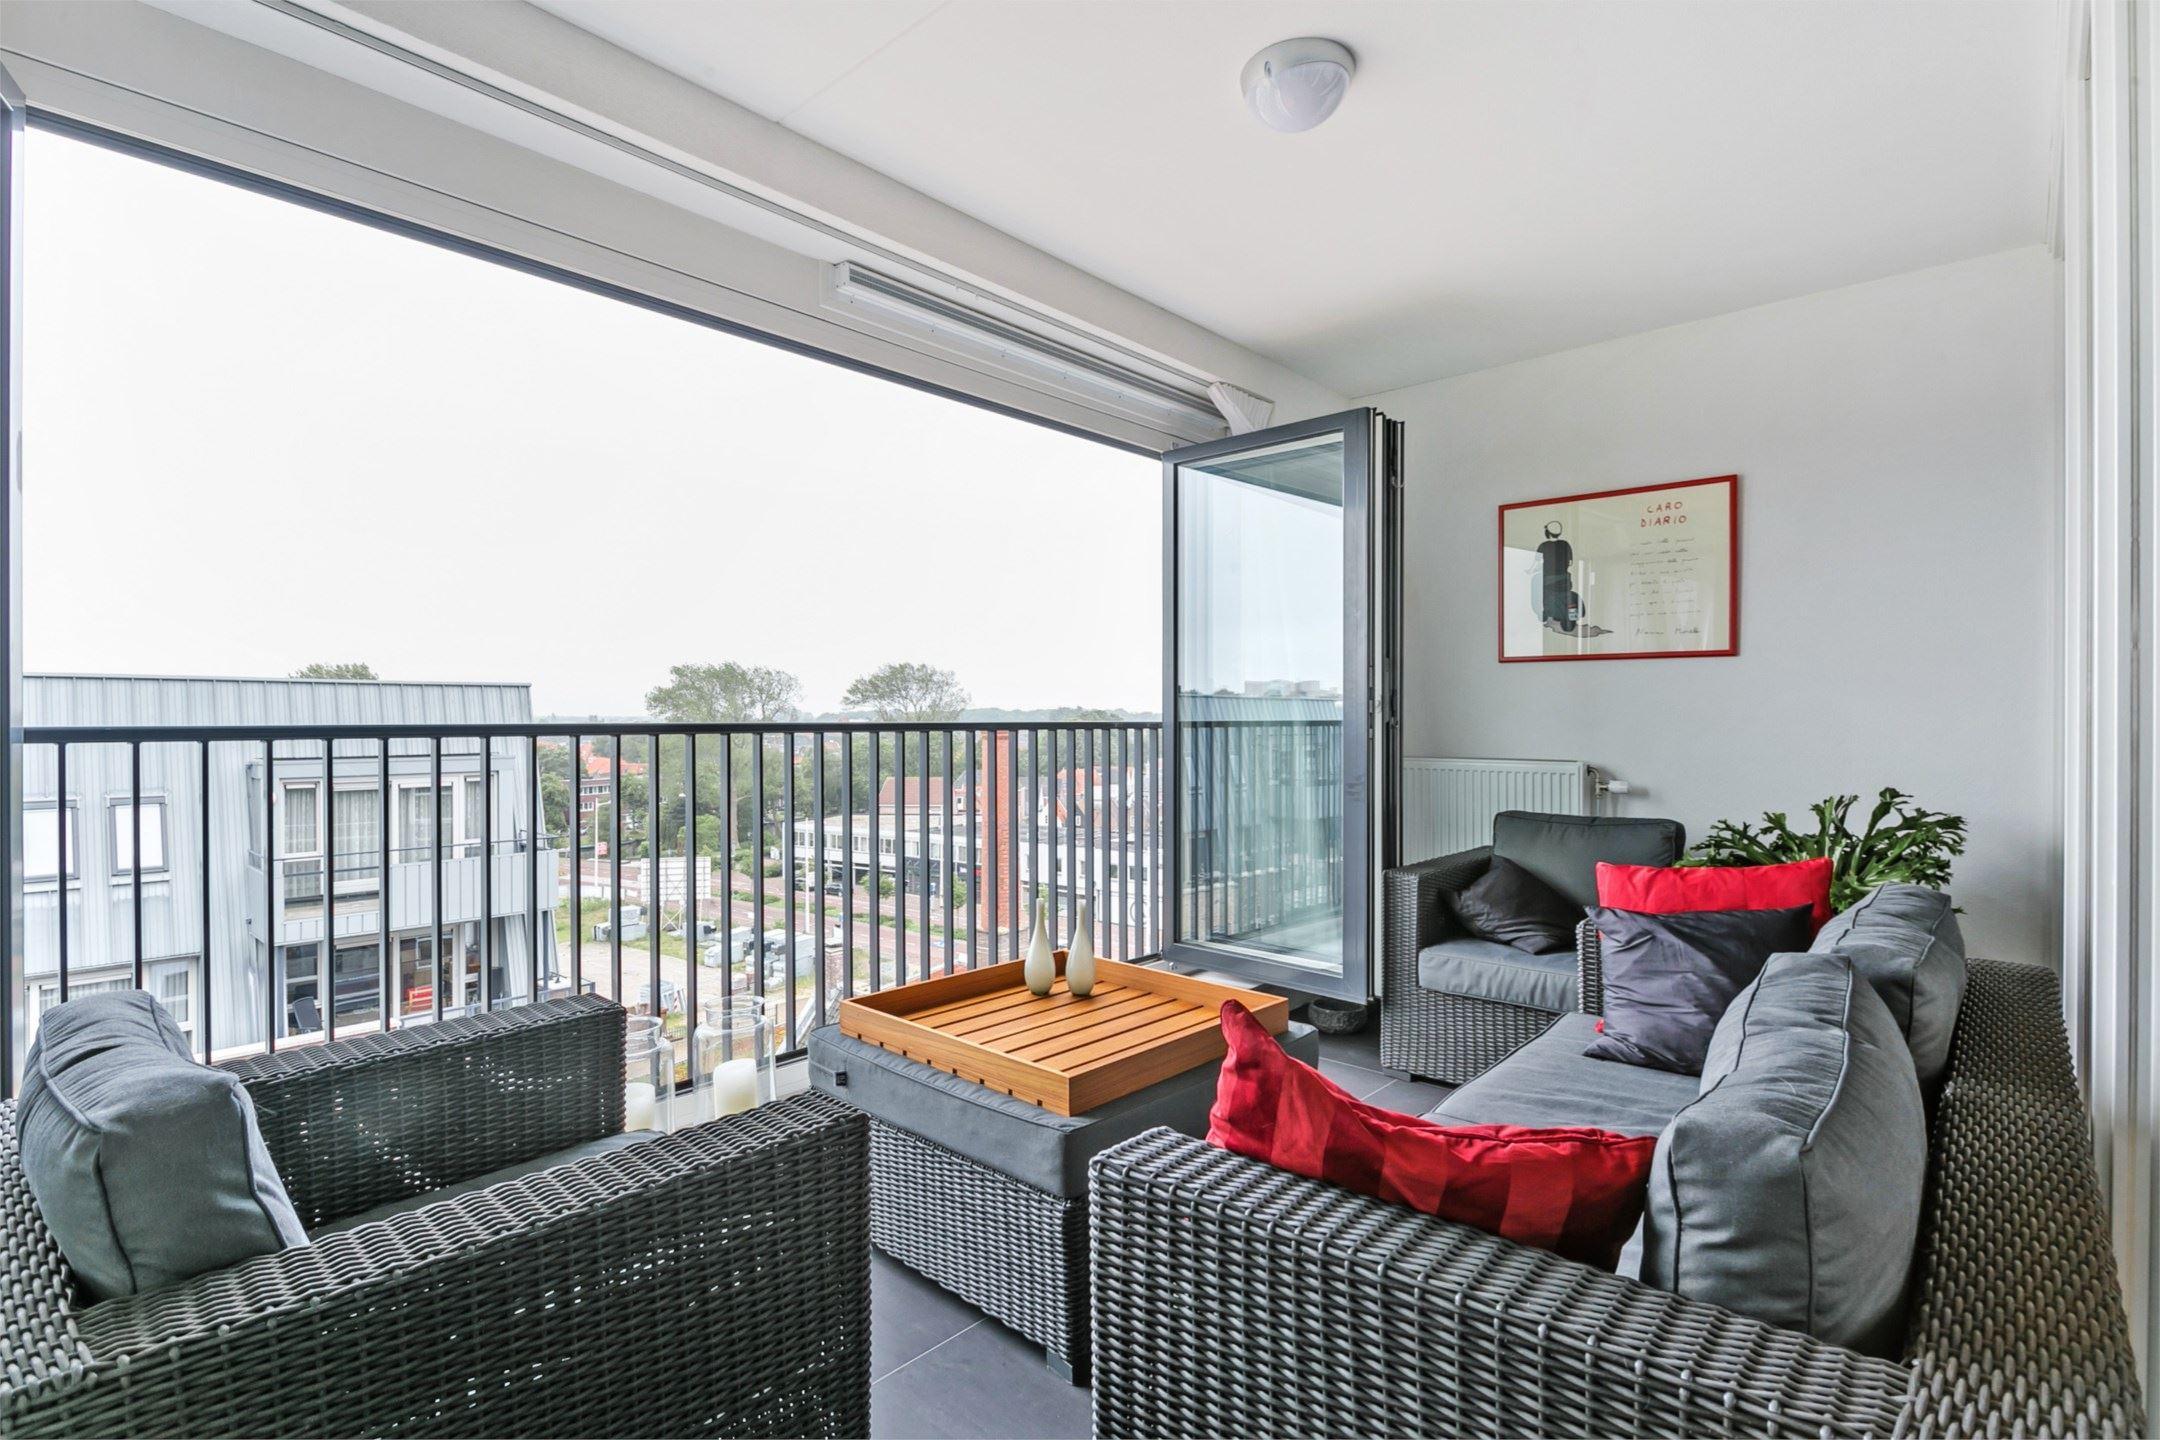 Appartement te koop: voormeer 190 1813 sb alkmaar [funda]